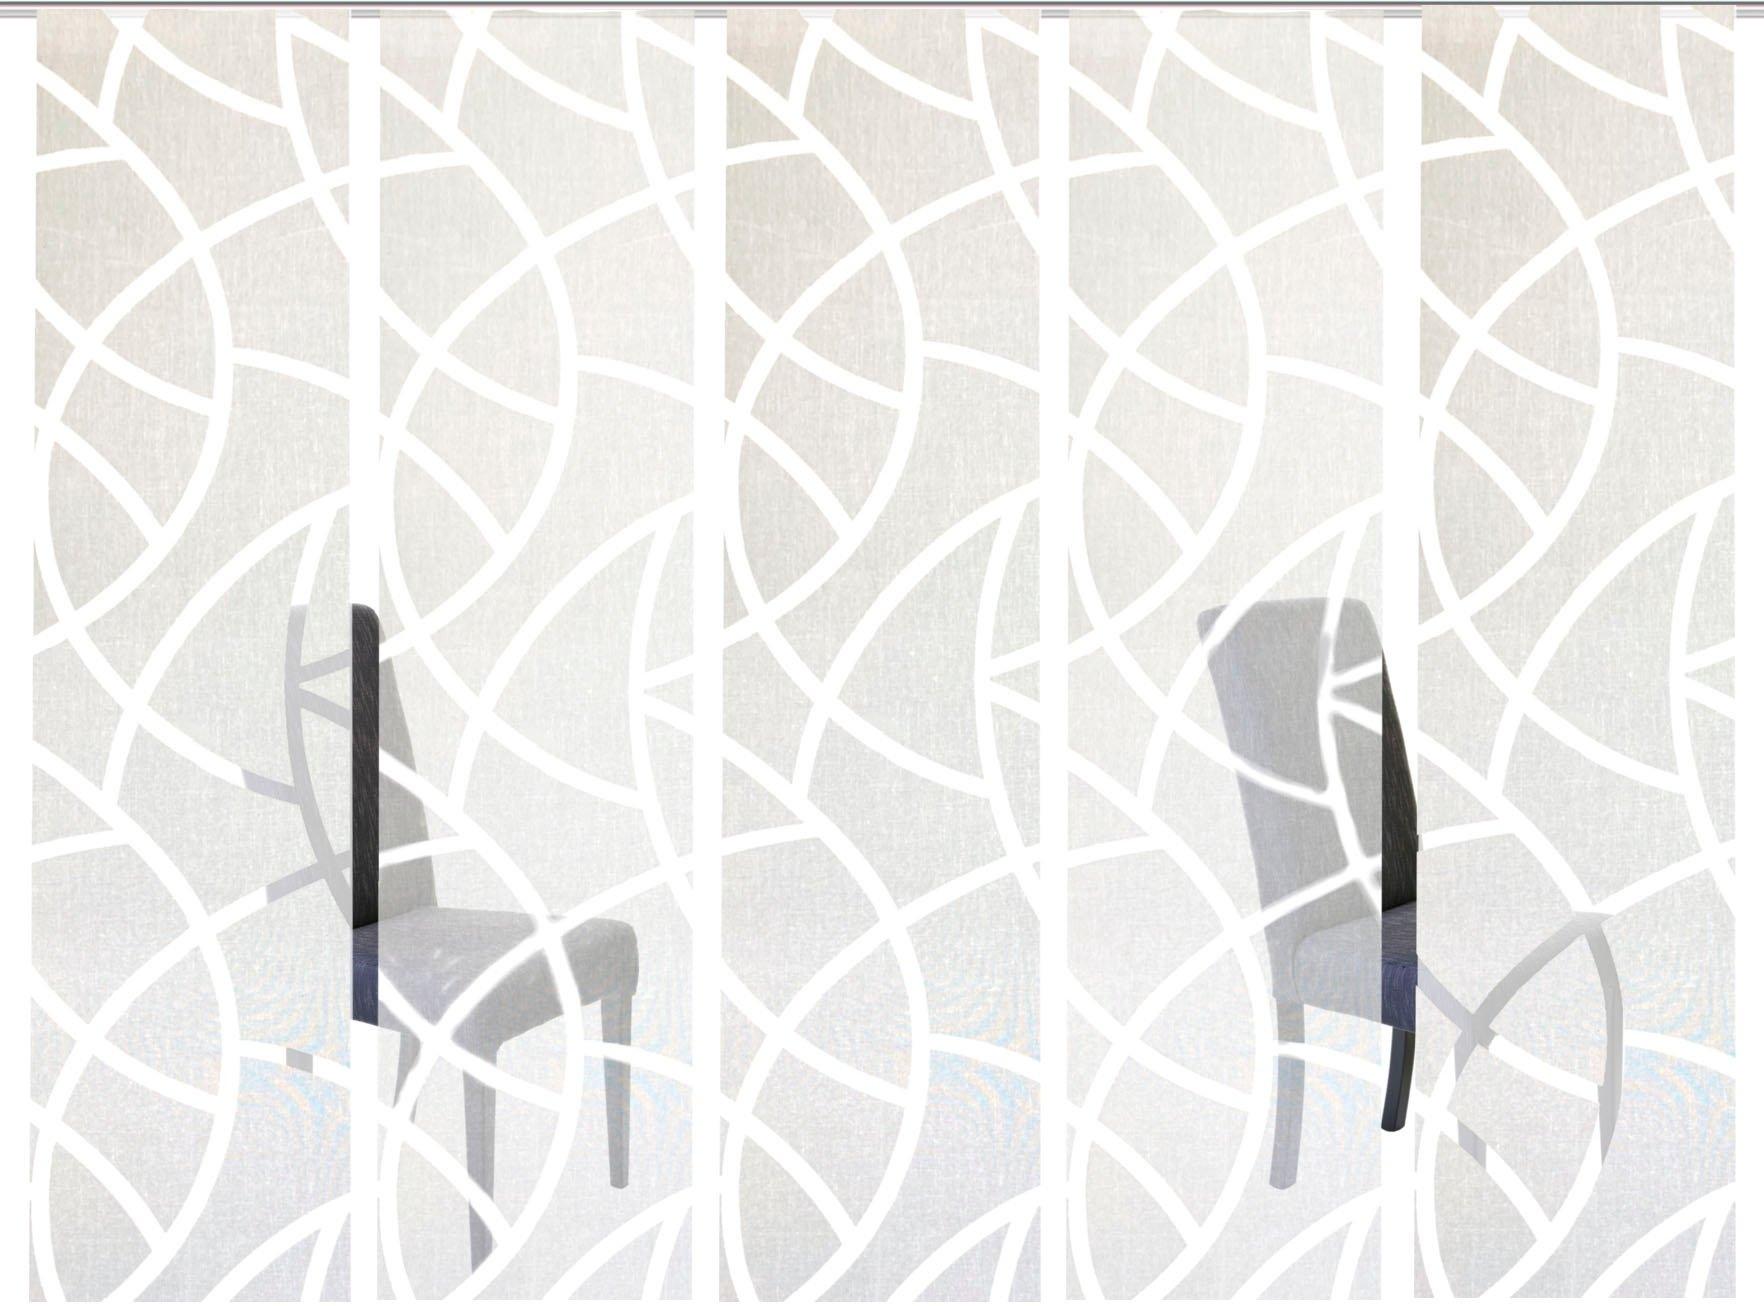 HOME WOHNIDEEN Paneelgordijn CASSÉ Gordijnstof, met transparante scherli (5 stuks) - gratis ruilen op otto.nl